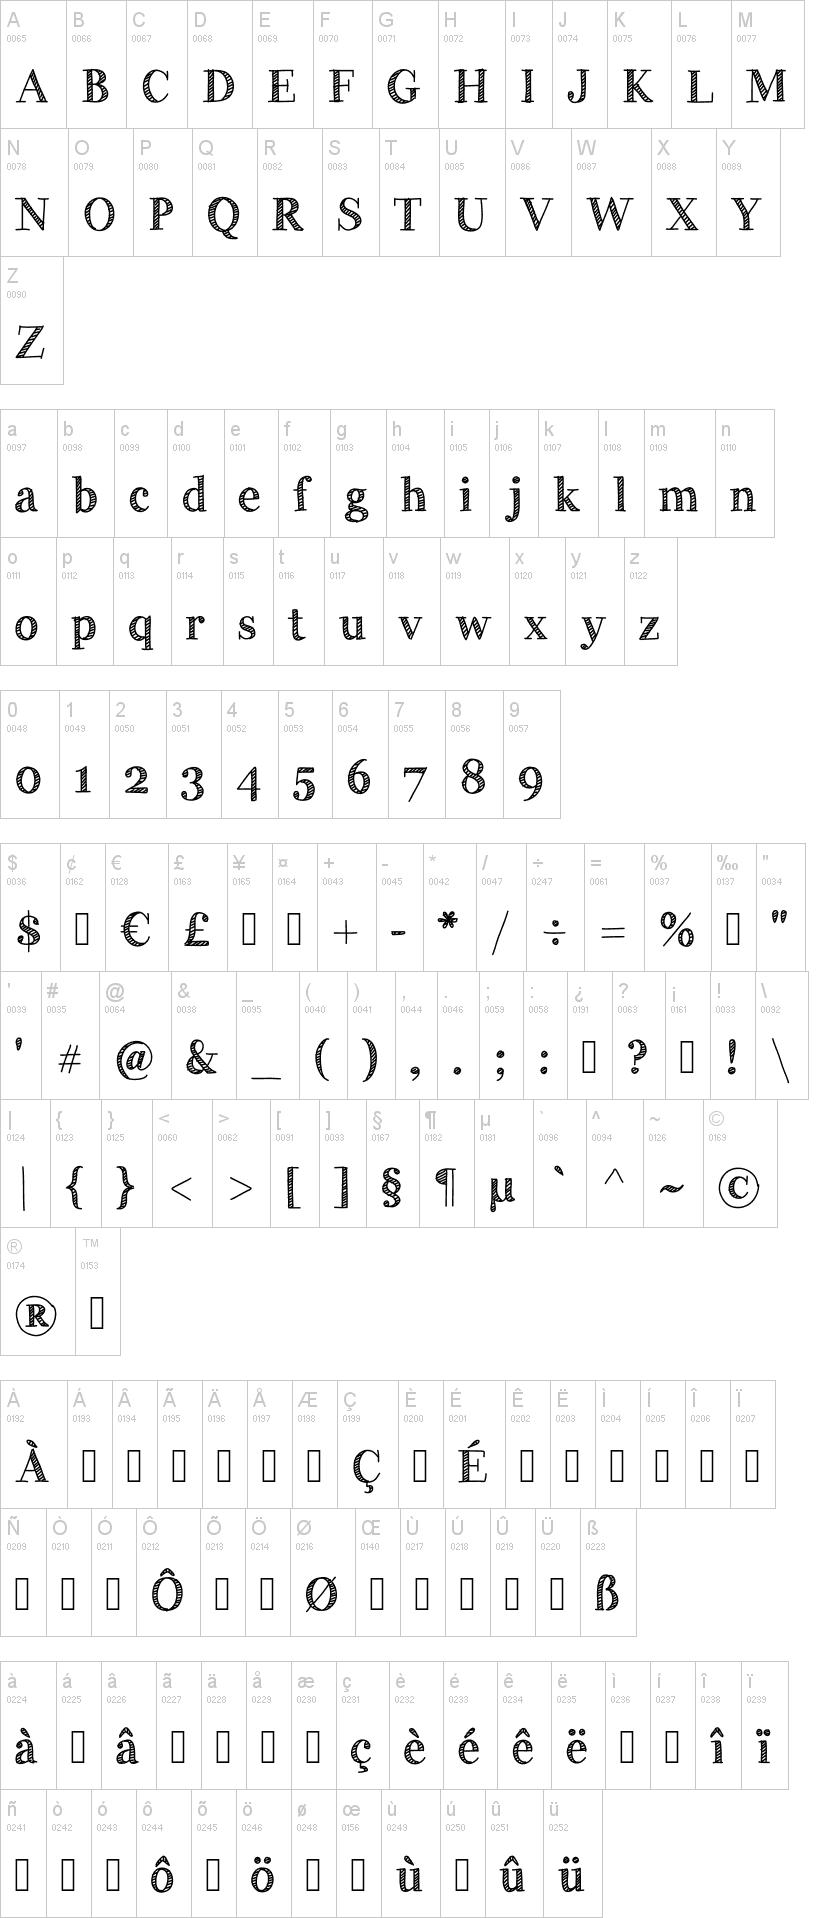 Handy George Font | dafont com | COMPUTER(Fonts,Printables